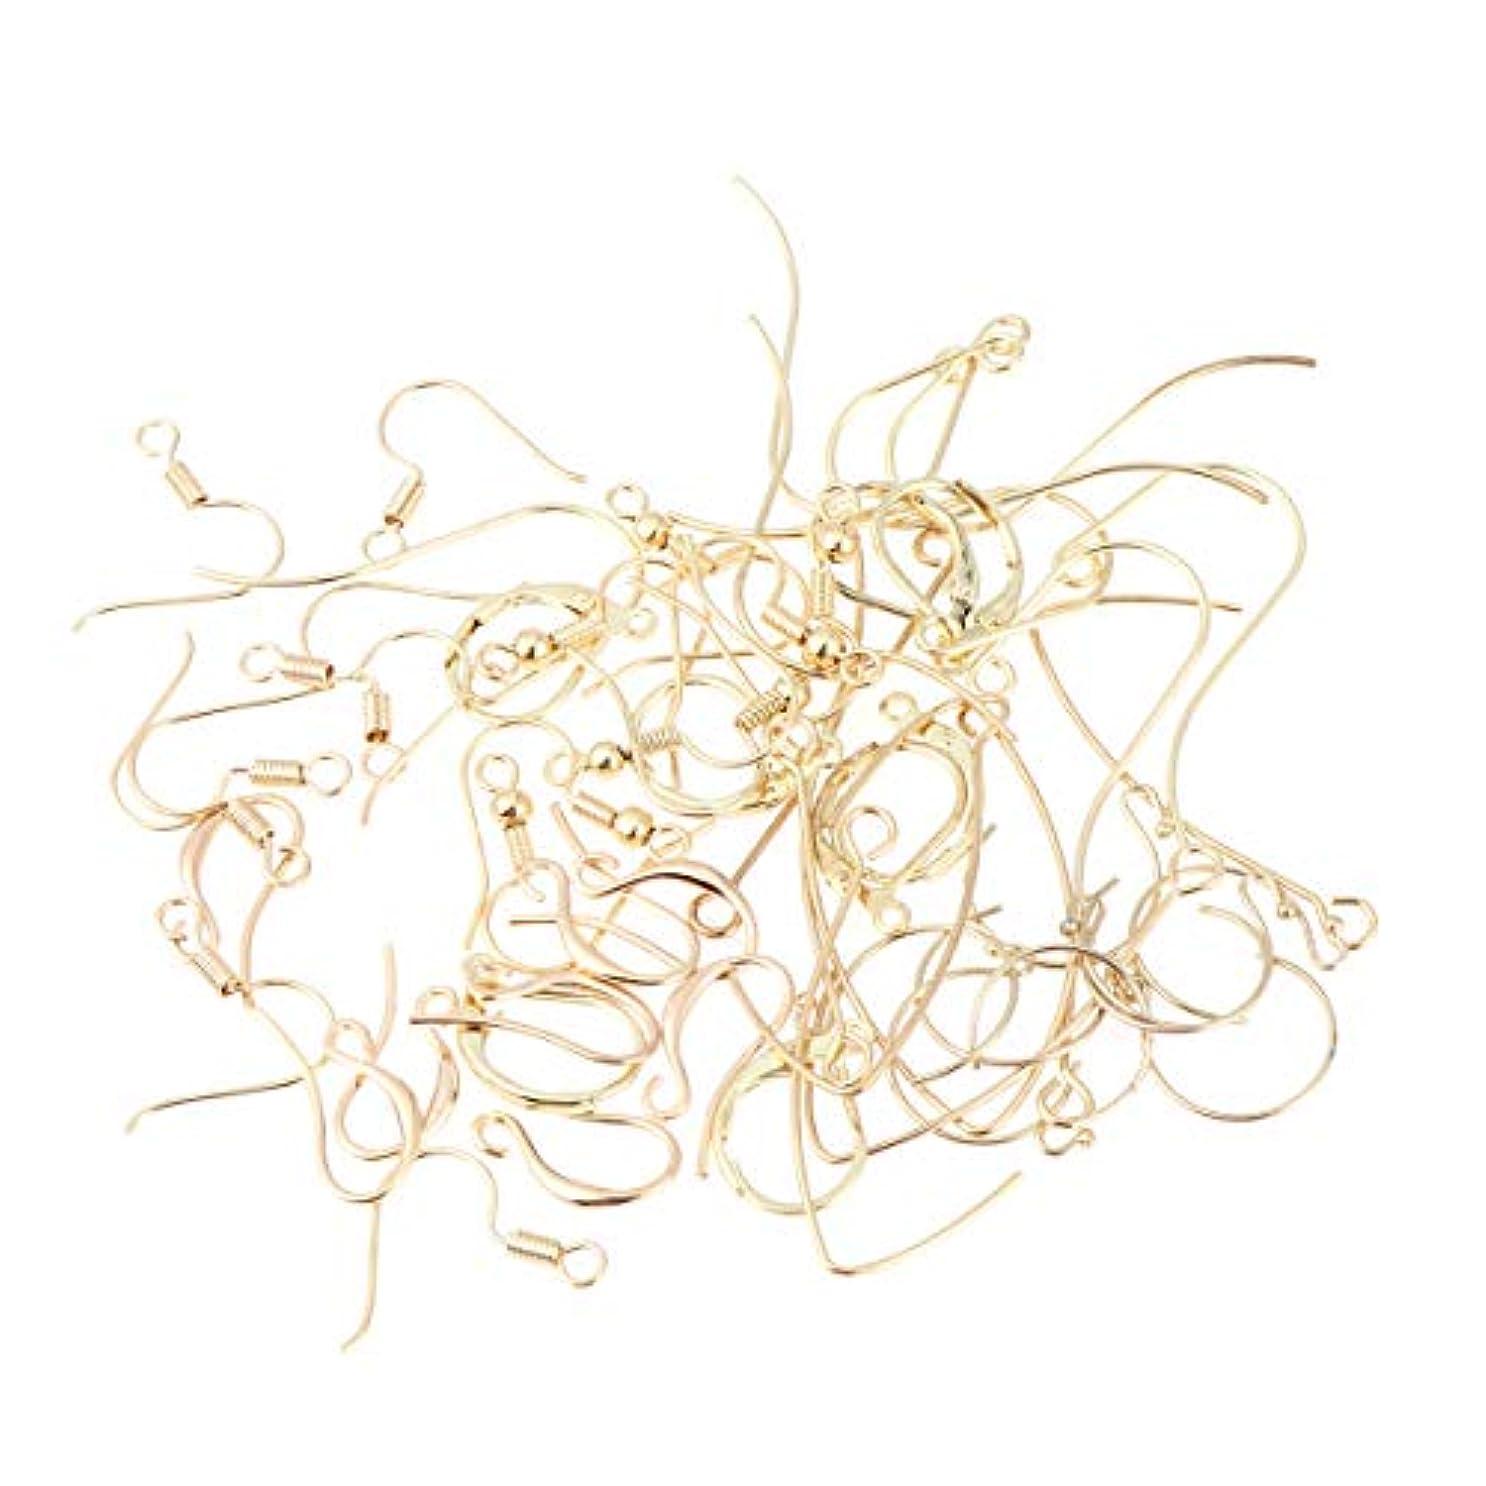 削る暴露グラフィックHealifty 56個 イヤリング フック イヤワイヤー ボールコイル diy工芸品 ジュエリー